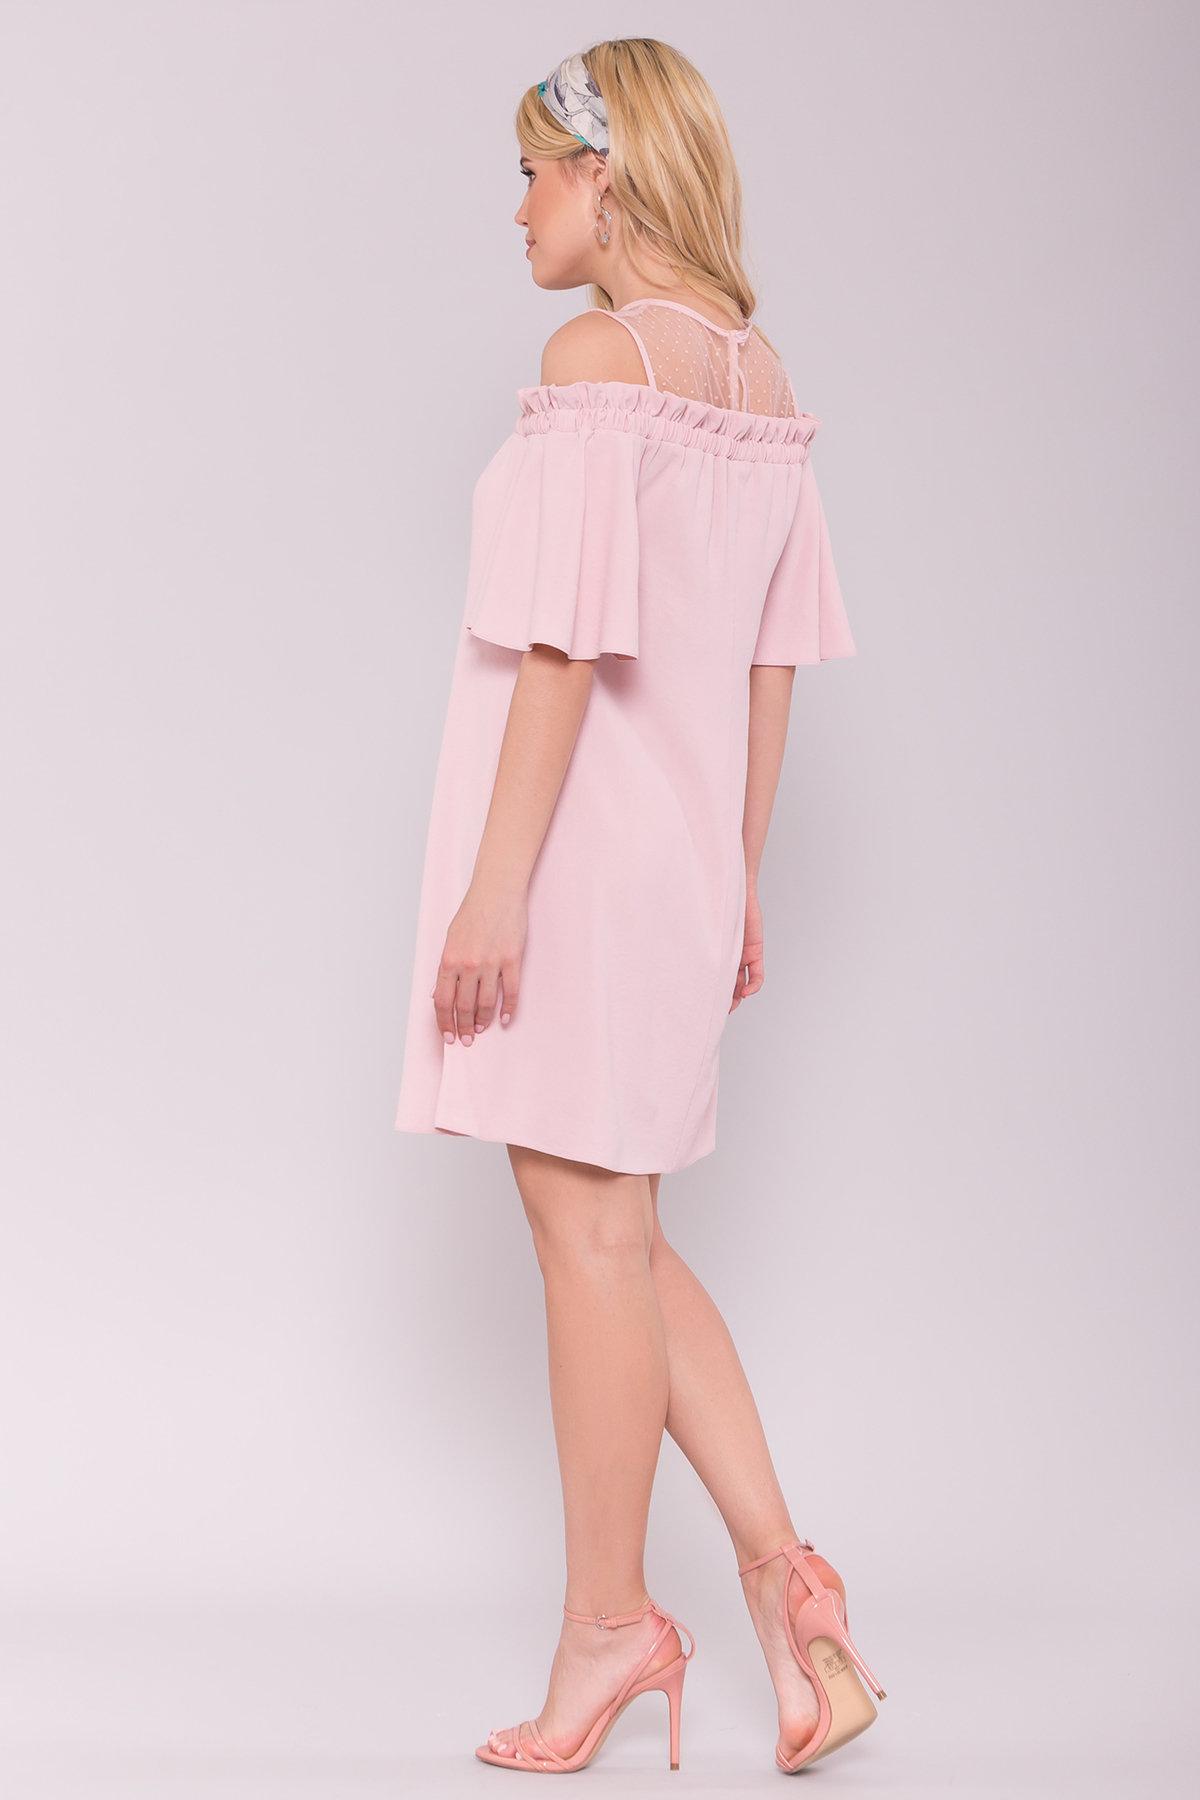 Платье Молена 7138 АРТ. 42780 Цвет: Пудра 3 - фото 2, интернет магазин tm-modus.ru